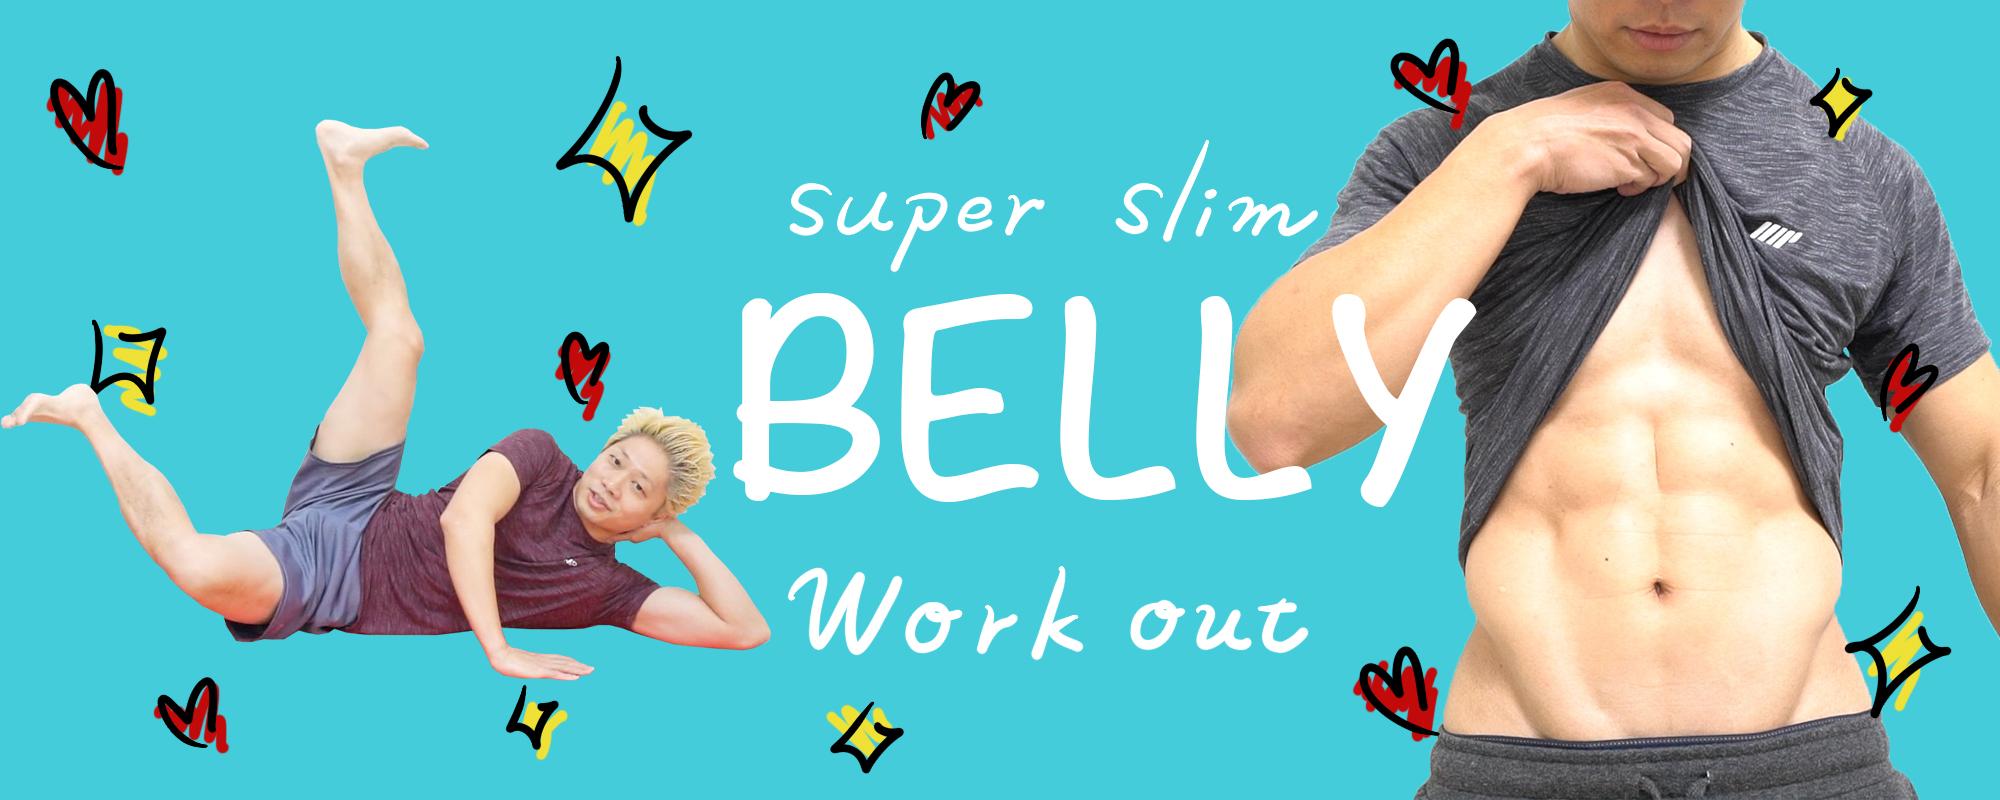 Lose belly fat 4 weeks program